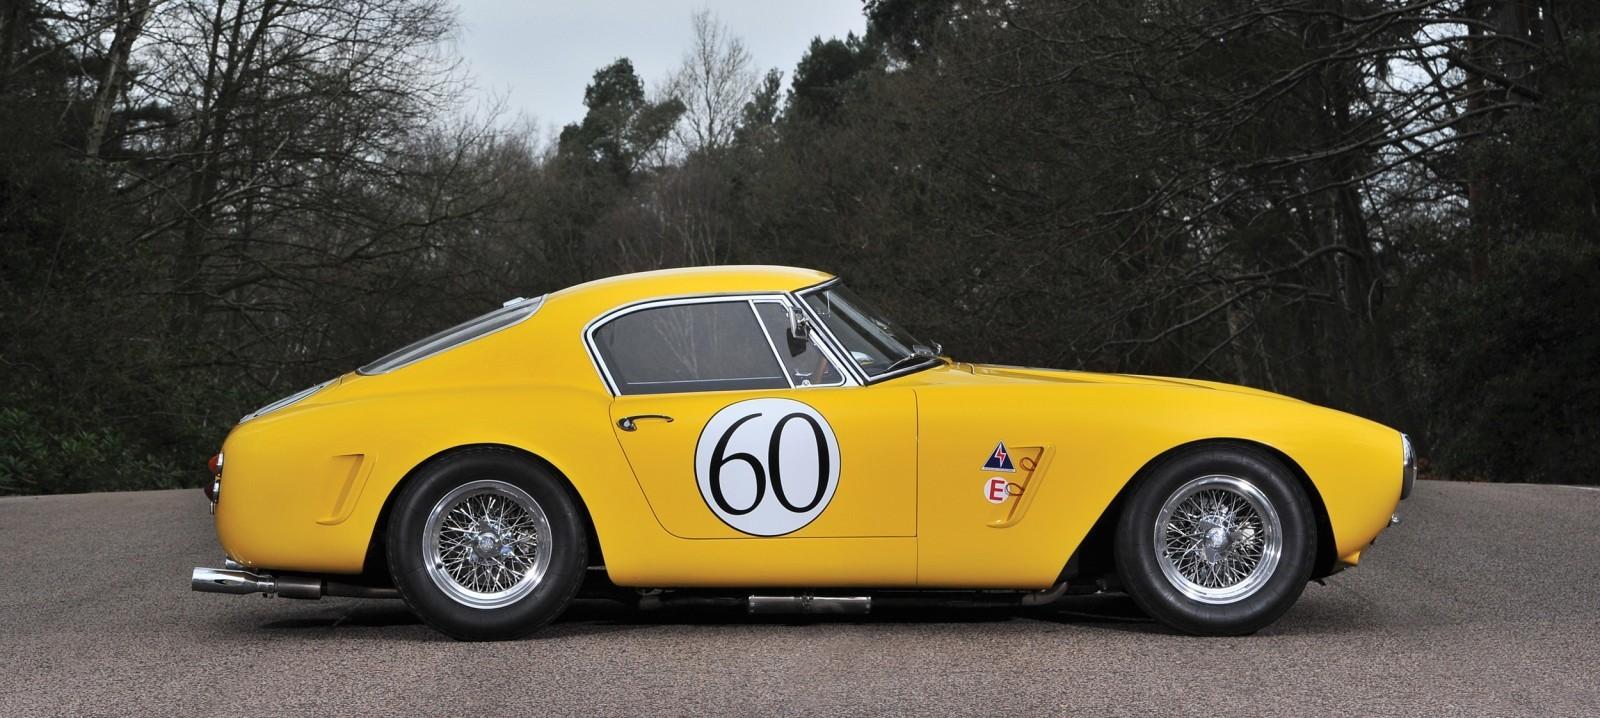 RM Villa Erba 2015 - 1960 Ferrari 250GT Berlinetta Competizione SWB Alloy by Scaglietti 5